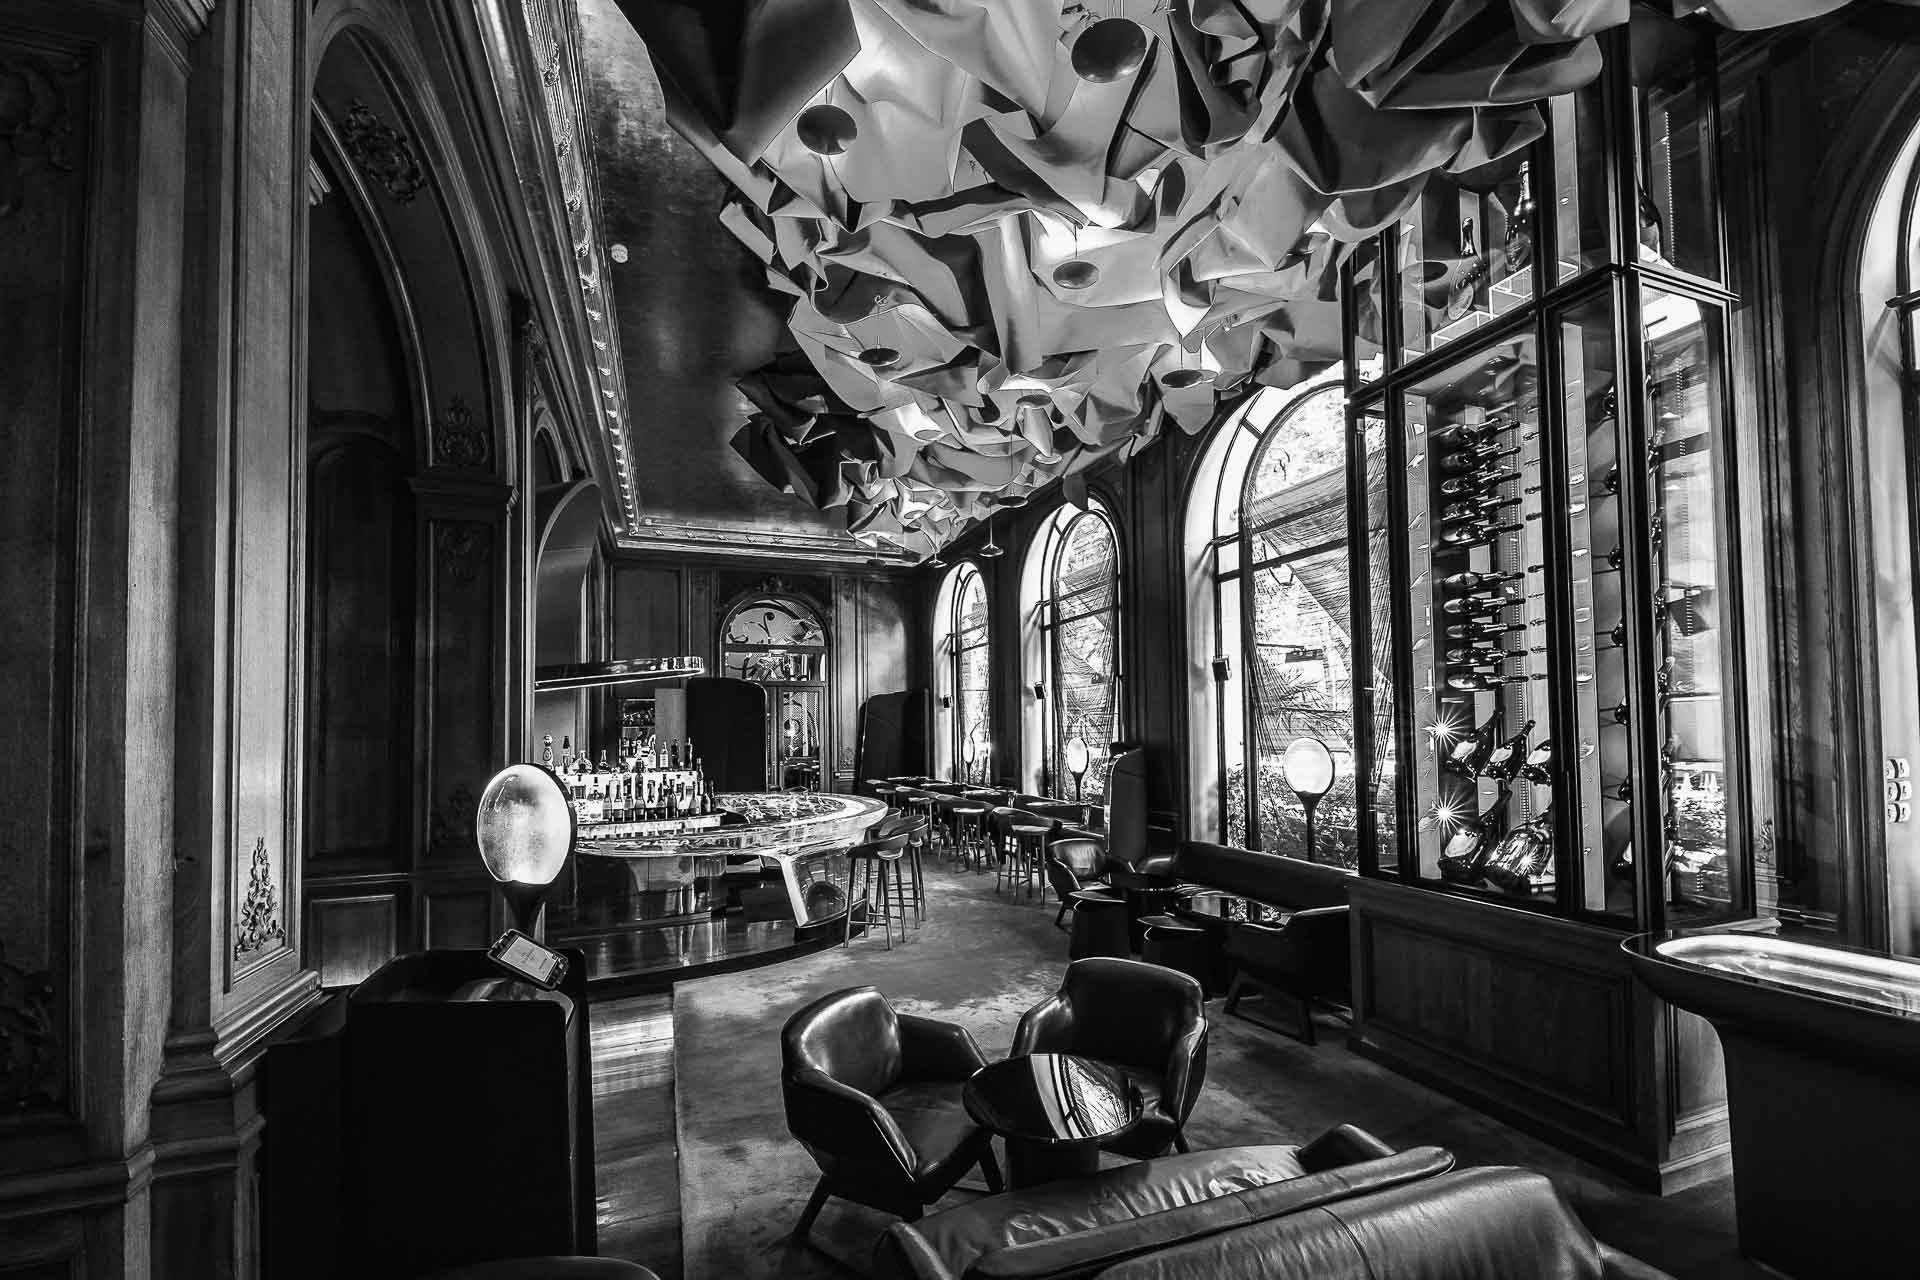 Dom Pérignon s'installe au bar du Plaza Athénée © Romain Bourven